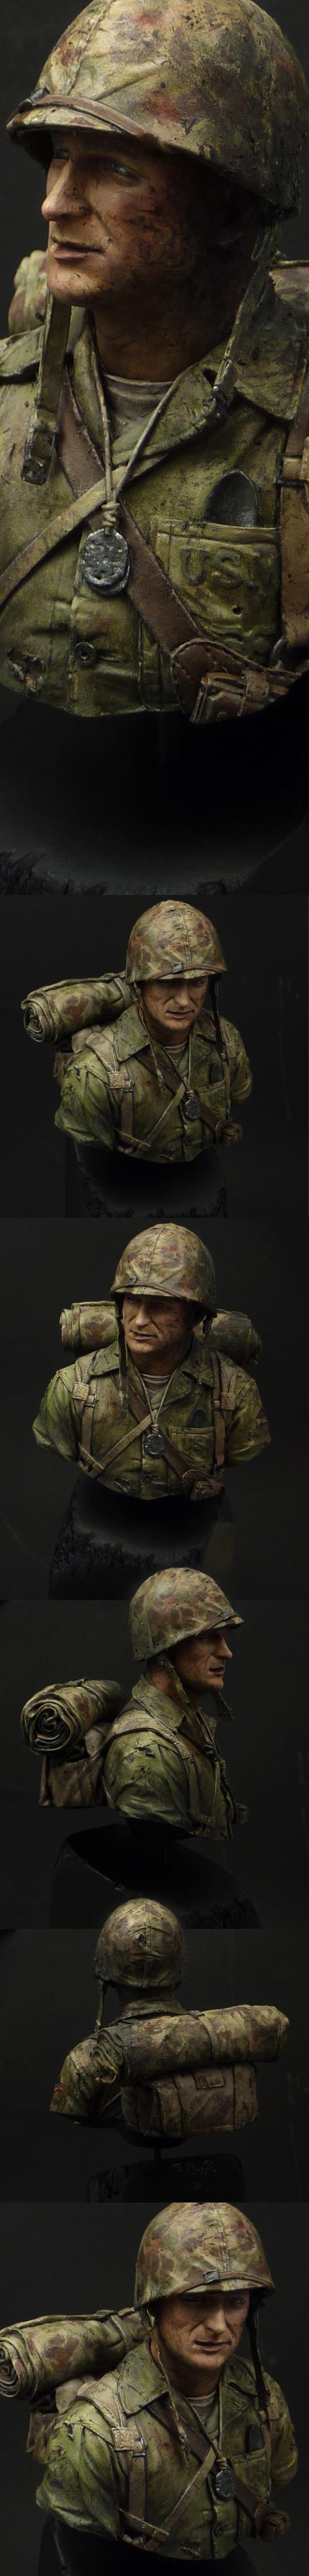 USMC Iwo Jima bust - view 1